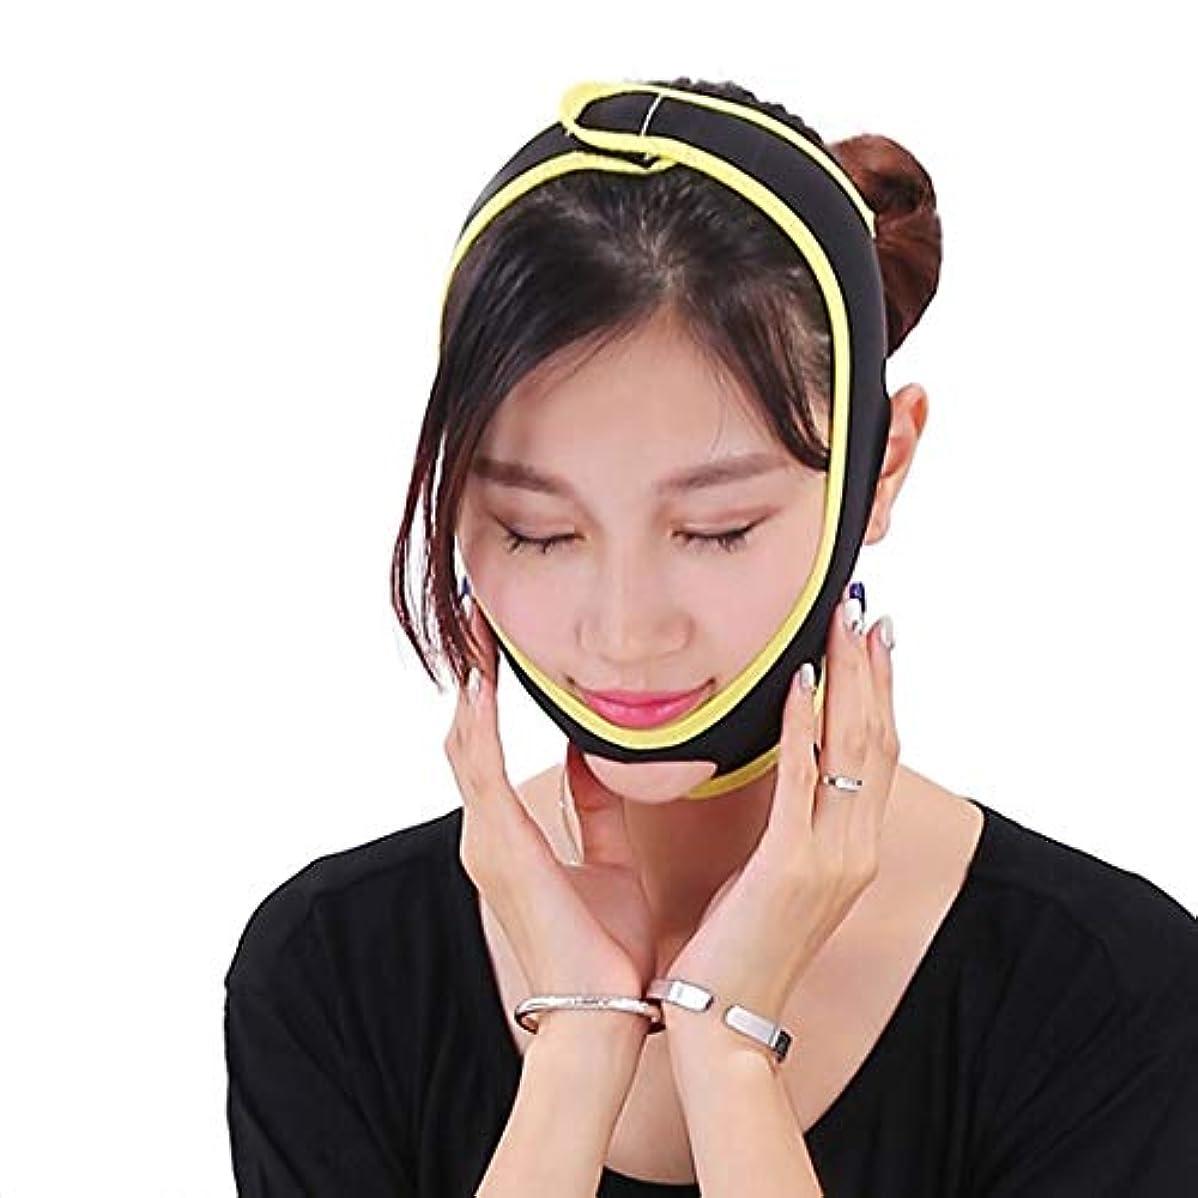 彼女集団アジア人ZWBD フェイスマスク, フェイスリフティング包帯パワフルフェイスマスクフェイスリフティング包帯引き締めシワ顔楽器vフェイスダークブラック